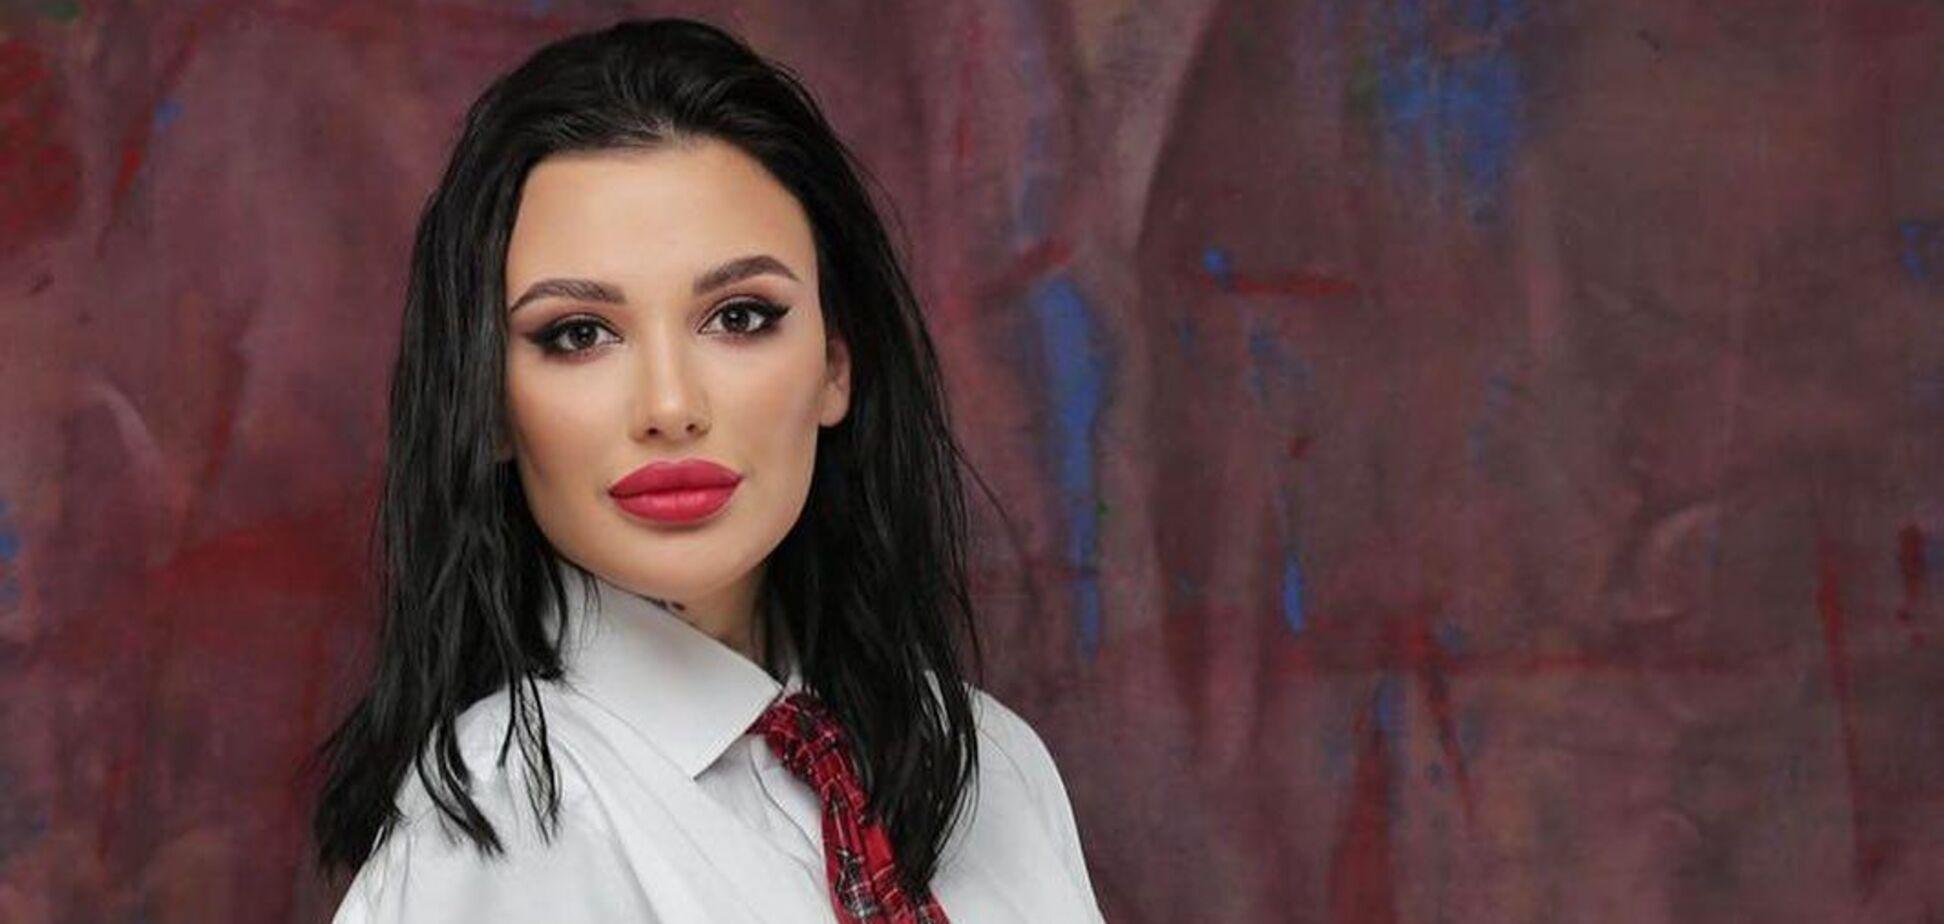 Порноакторка з 'Холостяка' знялася в боді та показала пишні форми. Фото